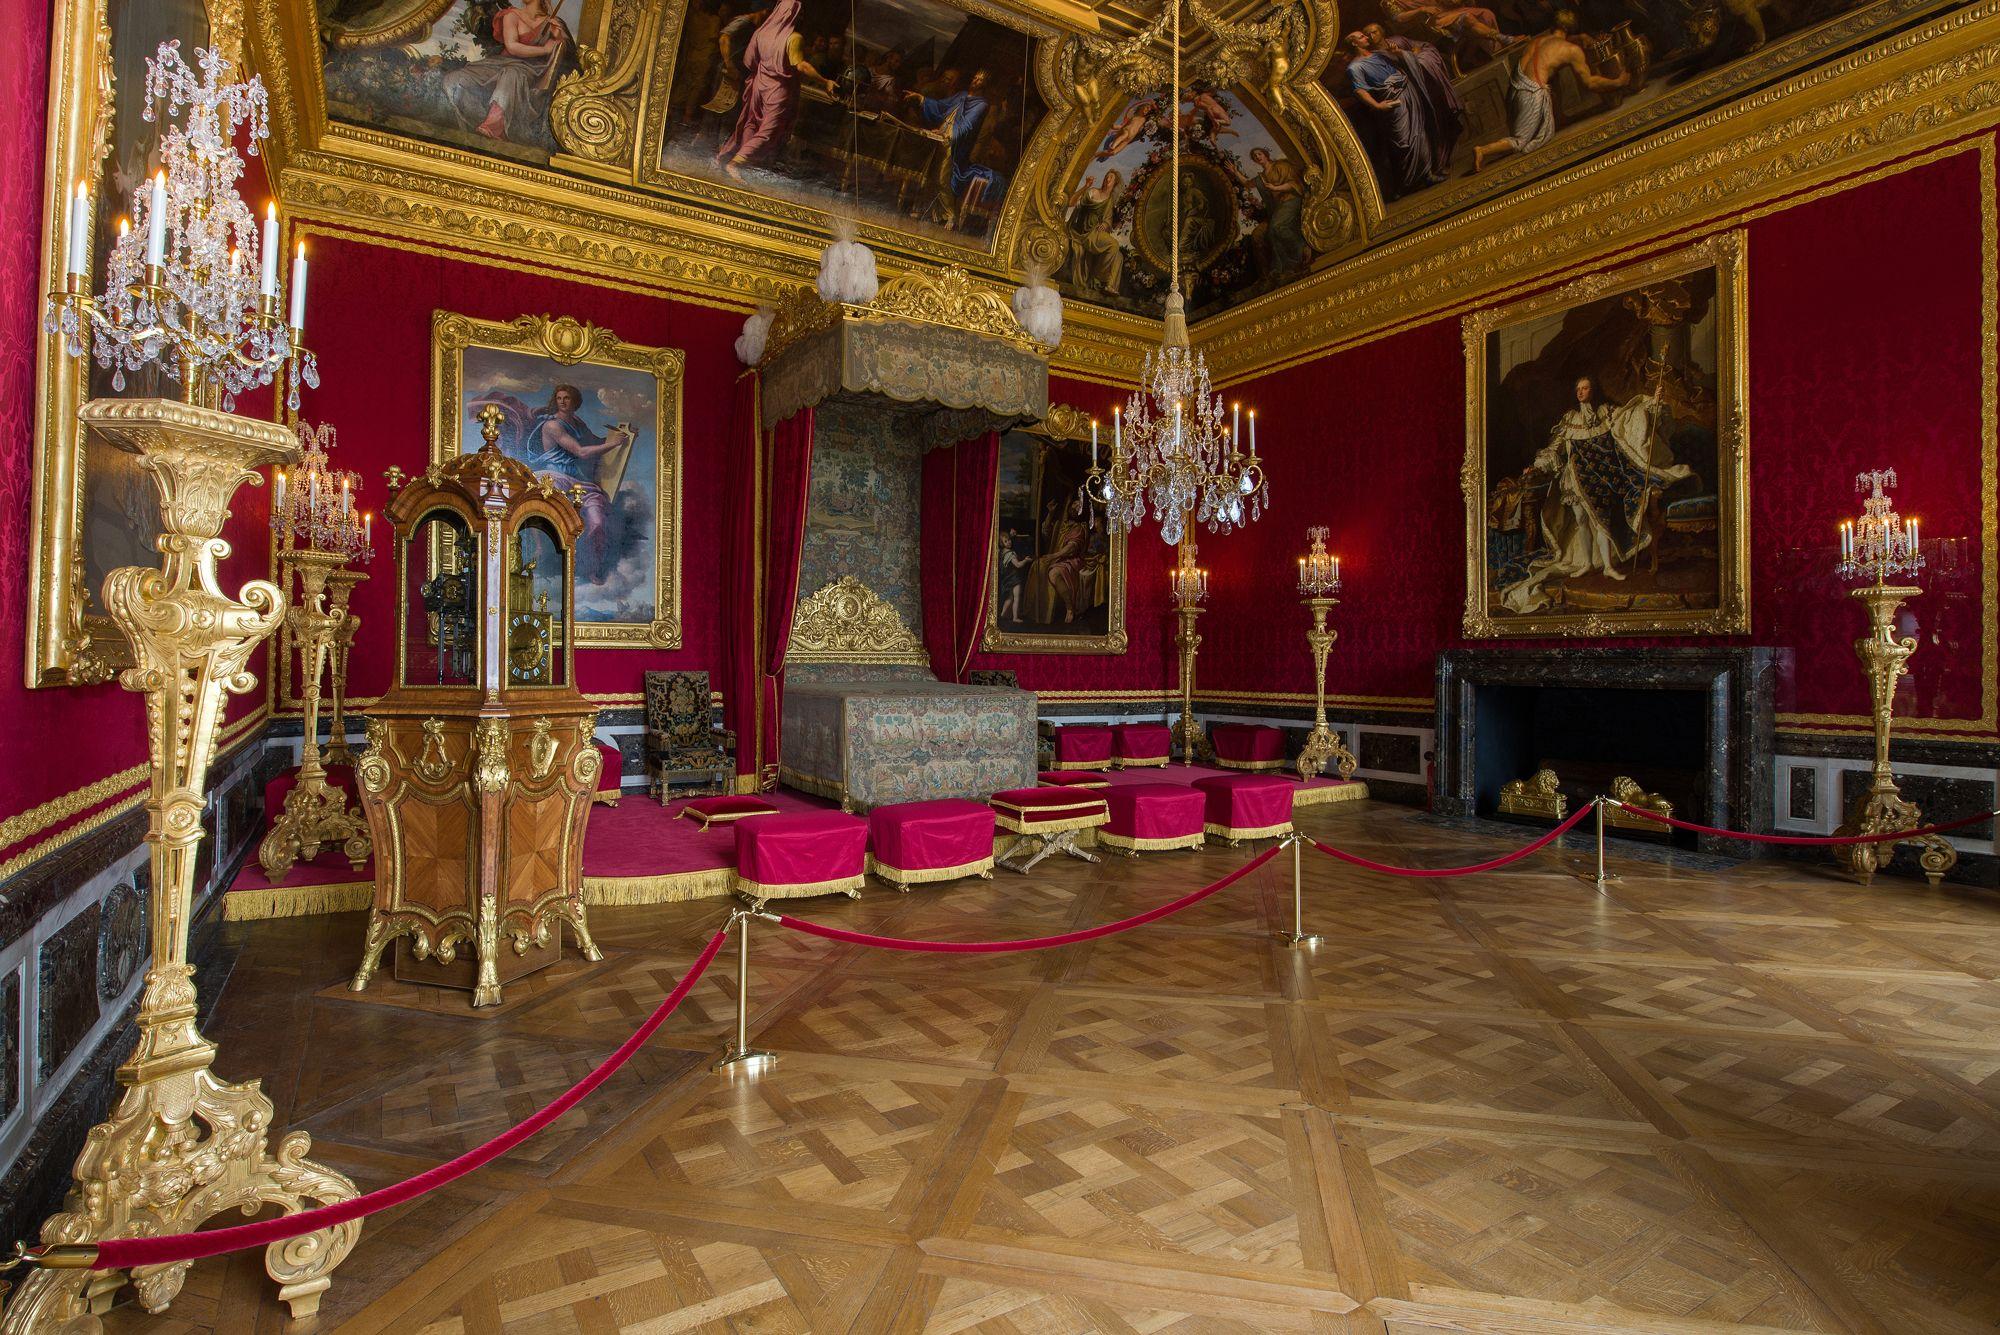 Appartement del rey versalles en el interior el equipo de le brun continu las experiencias - Chateau de menetou salon visites ...